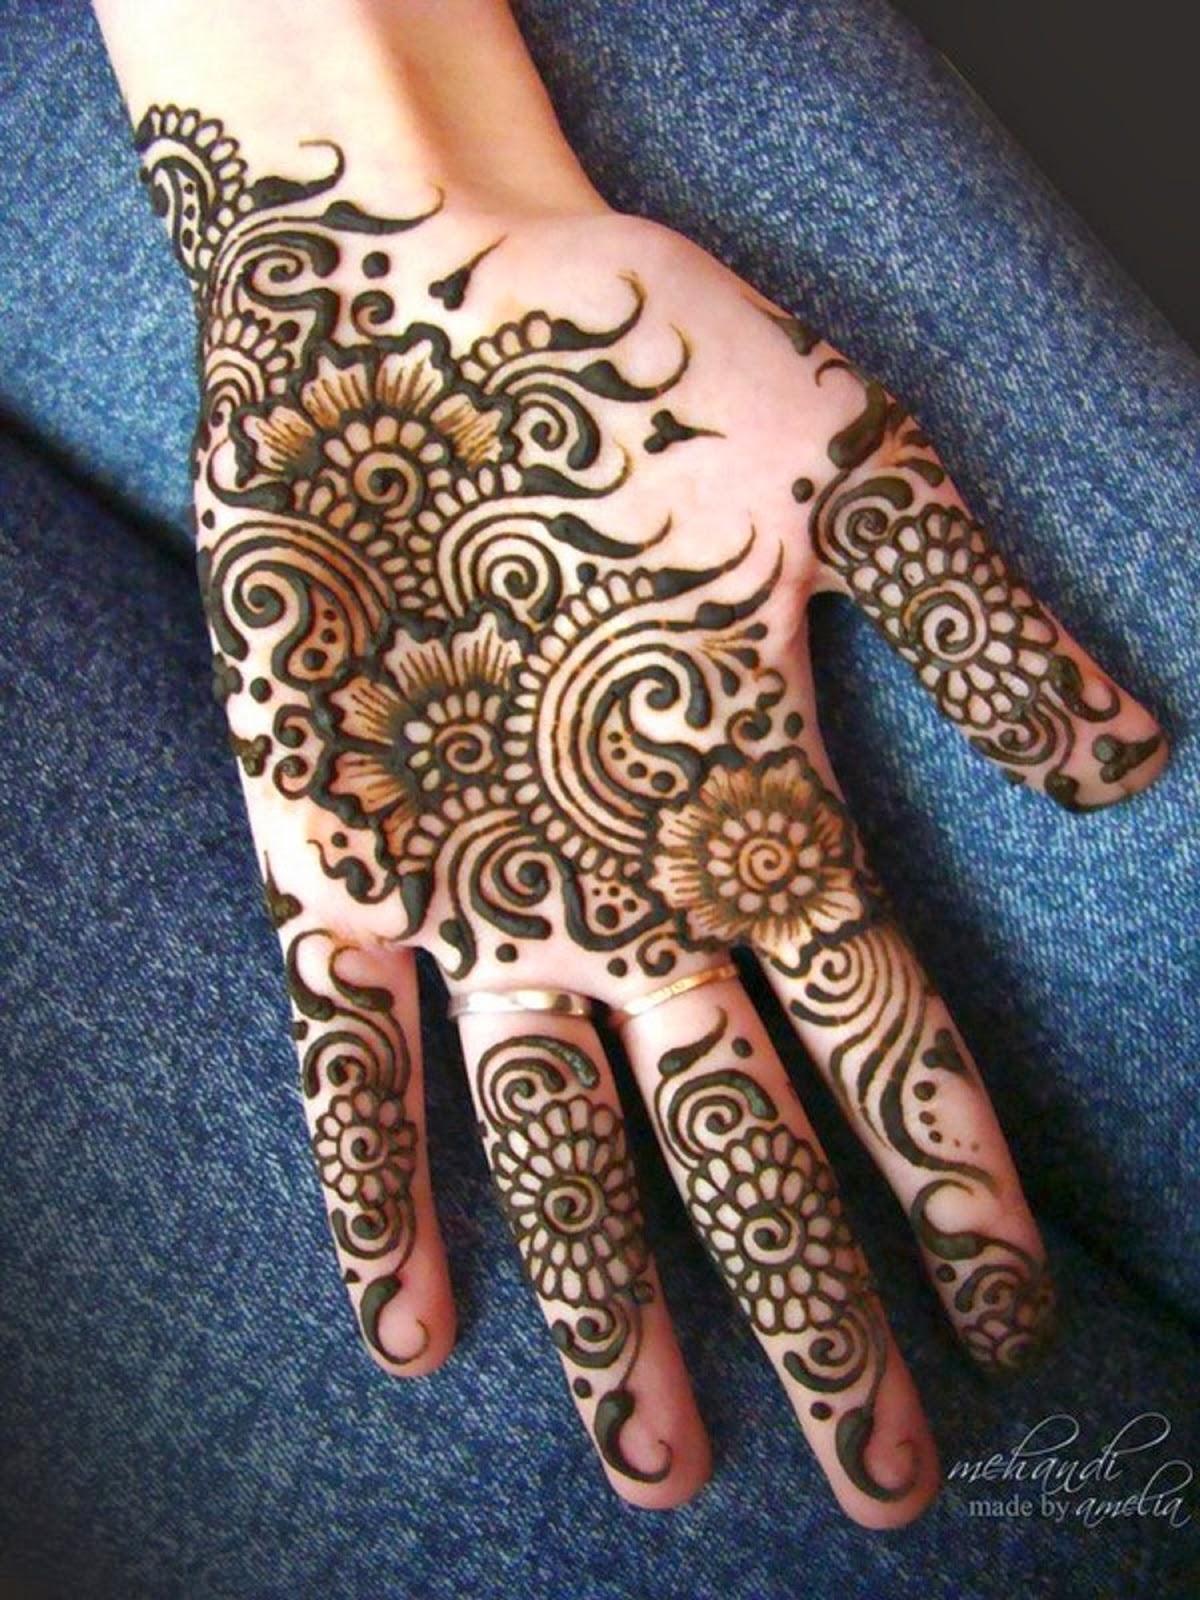 Mehndi Designs On : Mehndi designs for girls amelia